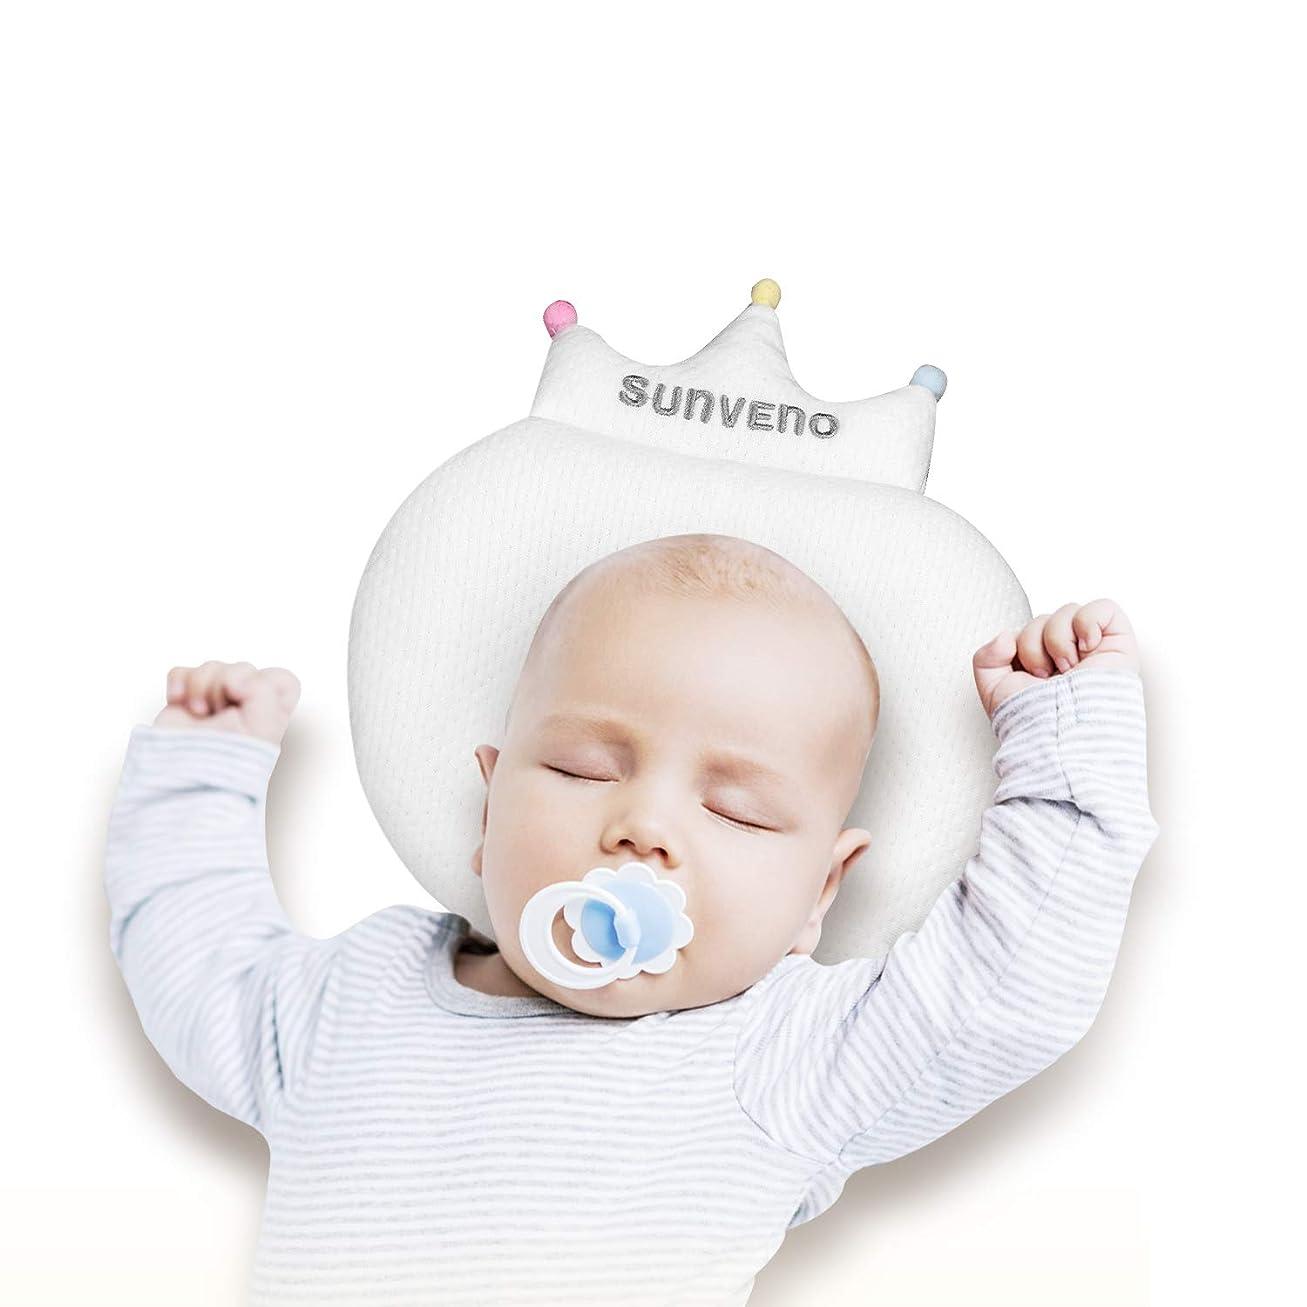 悲惨な篭予測子Sunveno ベビー枕 ドーナツ枕 ベビーまくら クラウン付き 向き癖防止 絶壁頭防止 100%綿 通気性抜群 丸洗い (白)